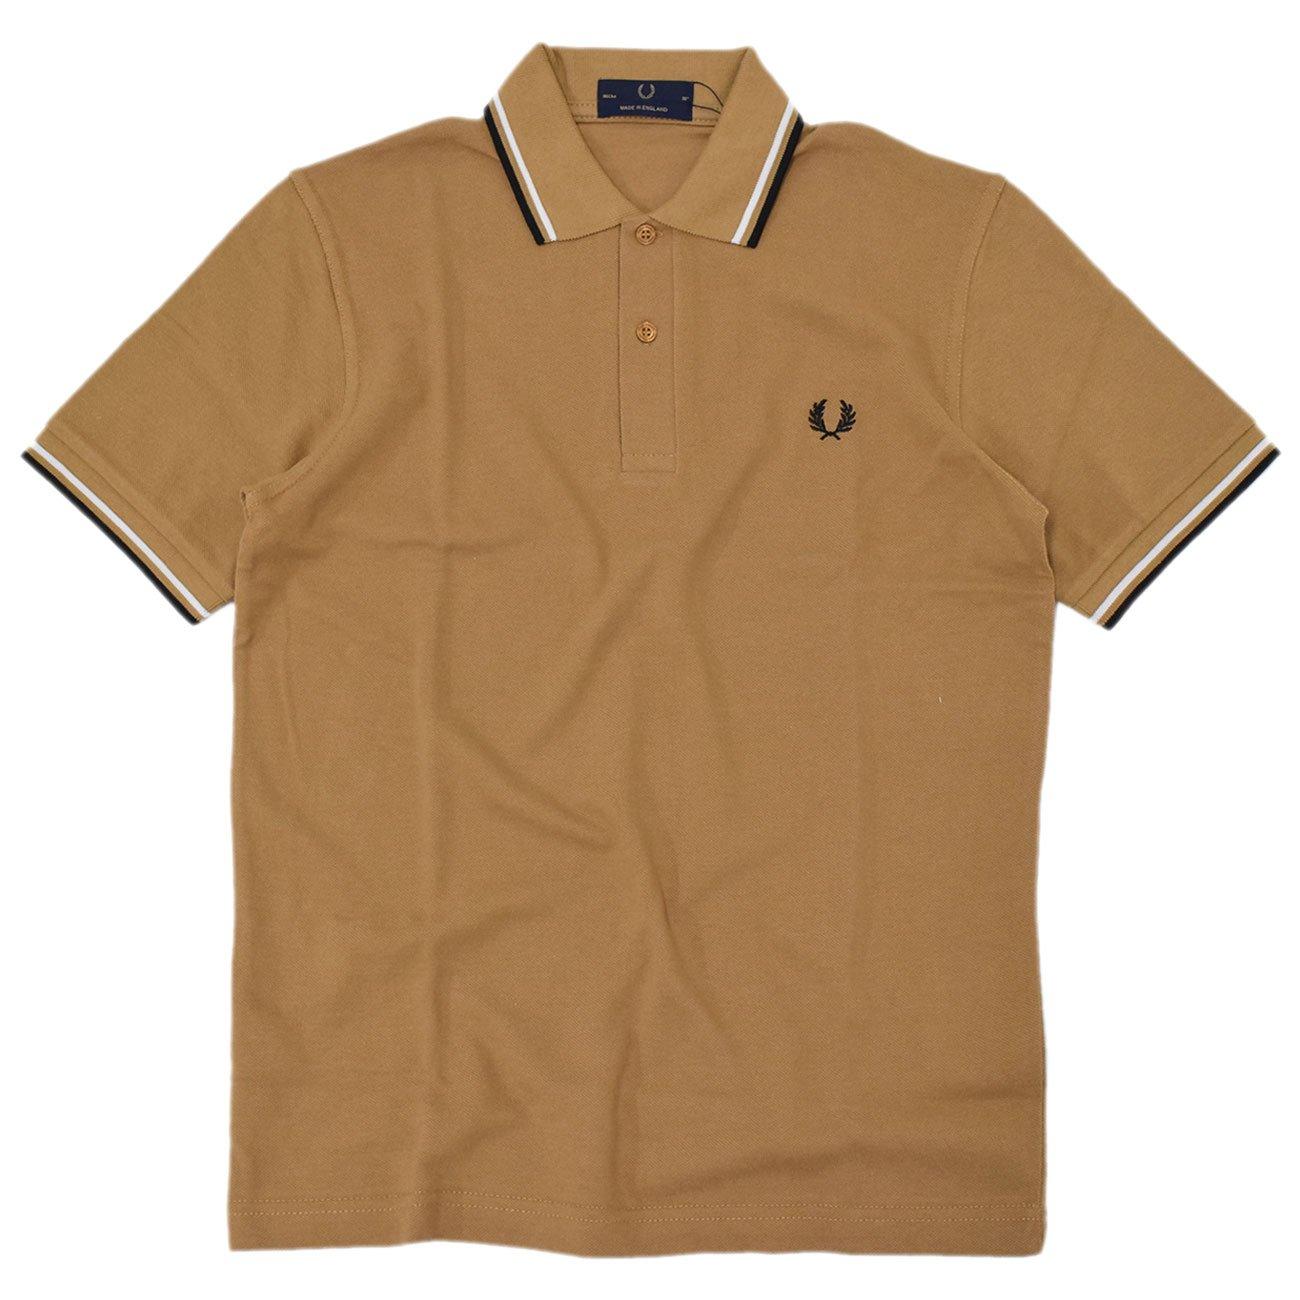 (フレッドペリー) FRED PERRY ポロシャツ 英国製 半袖 メンズ M12N イングランド ポロ B071YP8N43 40(日本L)|キャラメル/ブラック(D94) キャラメル/ブラック(D94) 40(日本L)